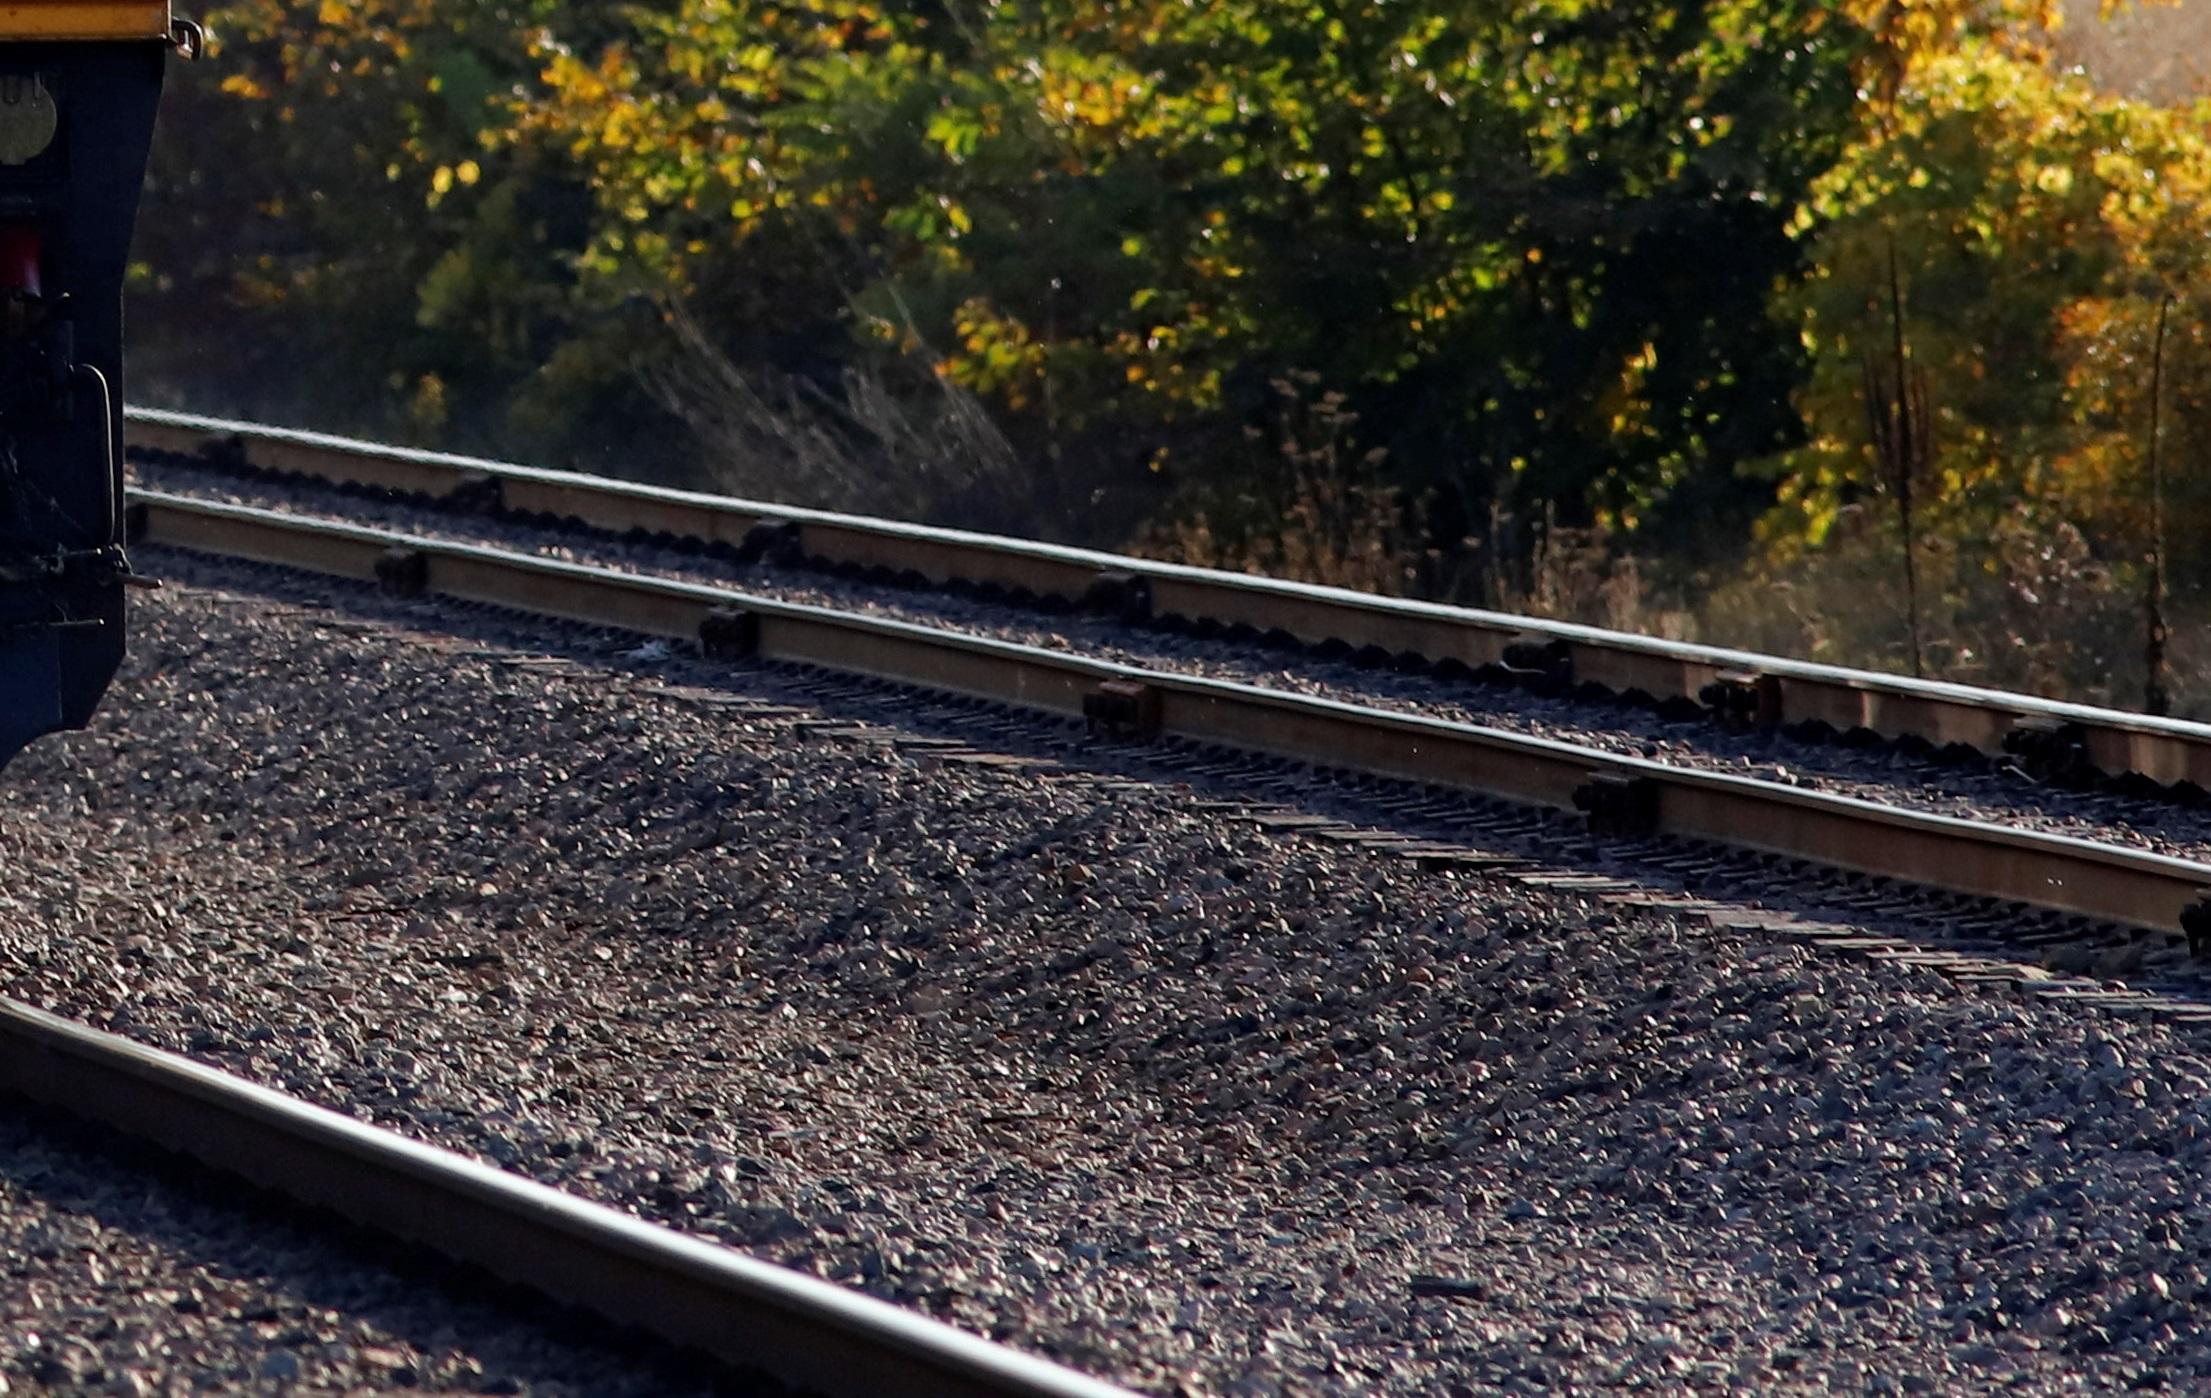 Γαλλία: Μετανάστες σκοτώθηκαν από τρένο προσπαθώντας να ξεφύγουν από την αστυνομία